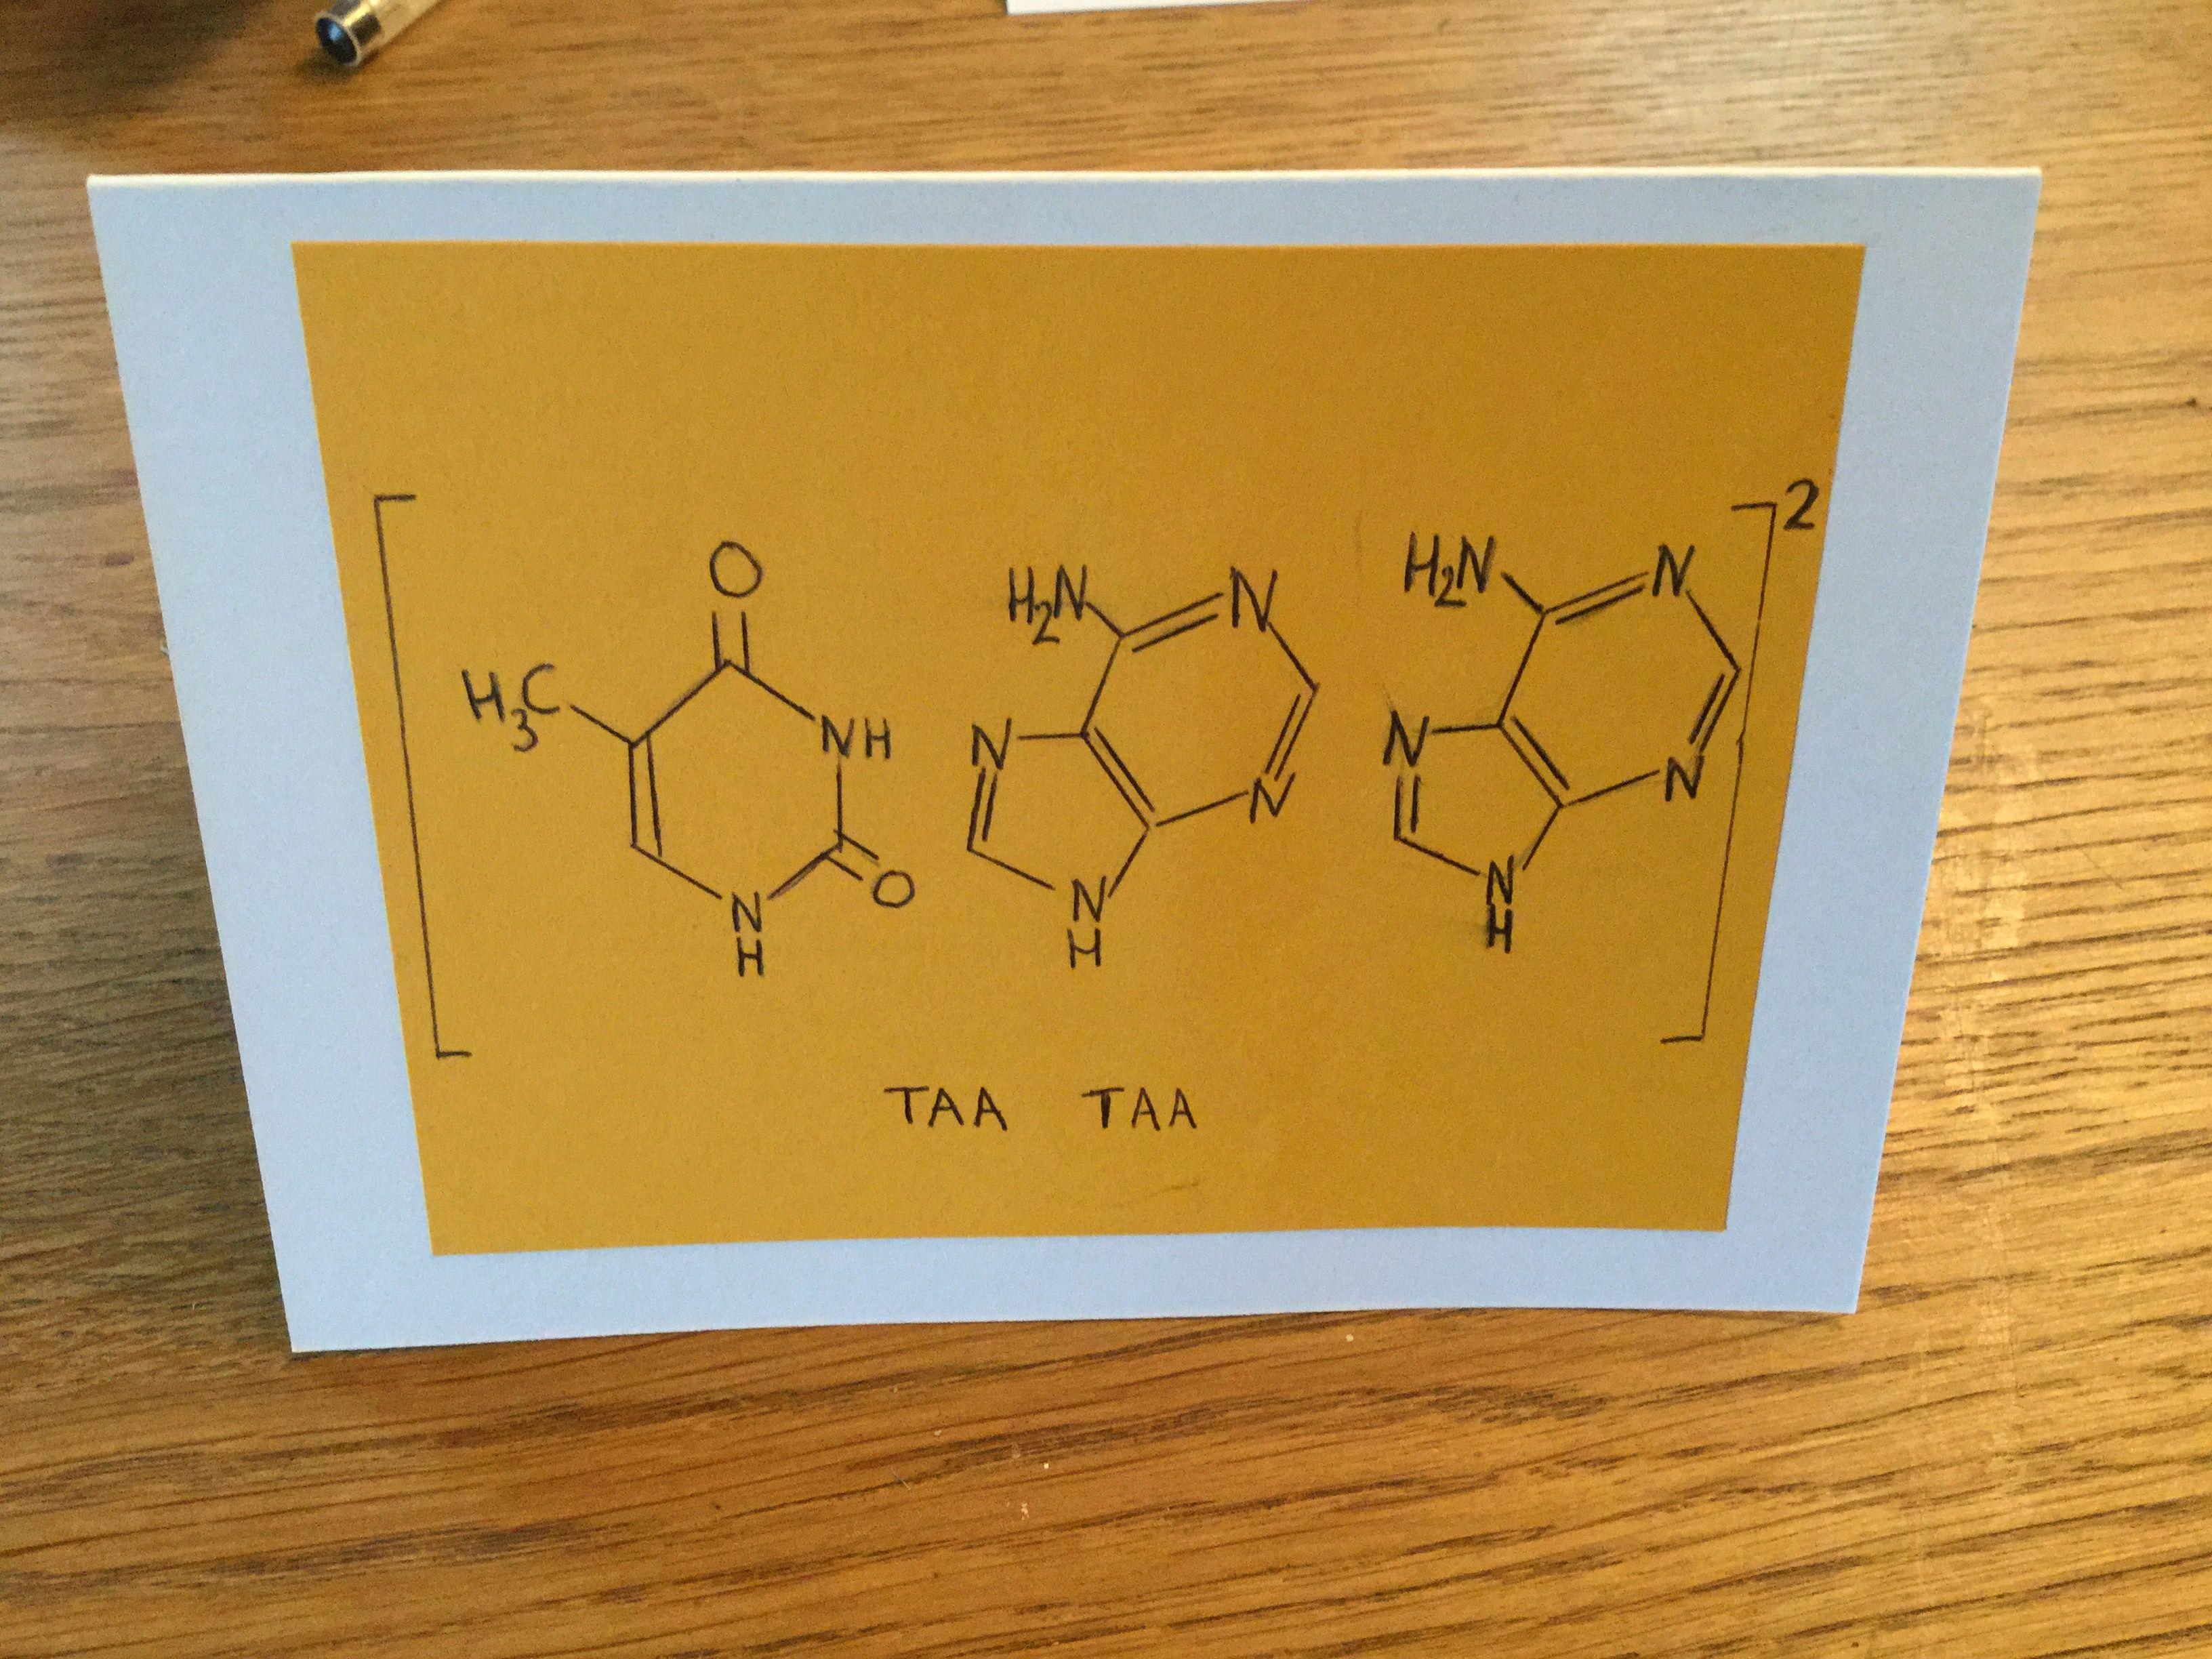 Geeky Thank You Card For Biology Teachers Taa Taa Using Dna Stop Codons Teachers Day Card Teacher Cards Physics Teacher